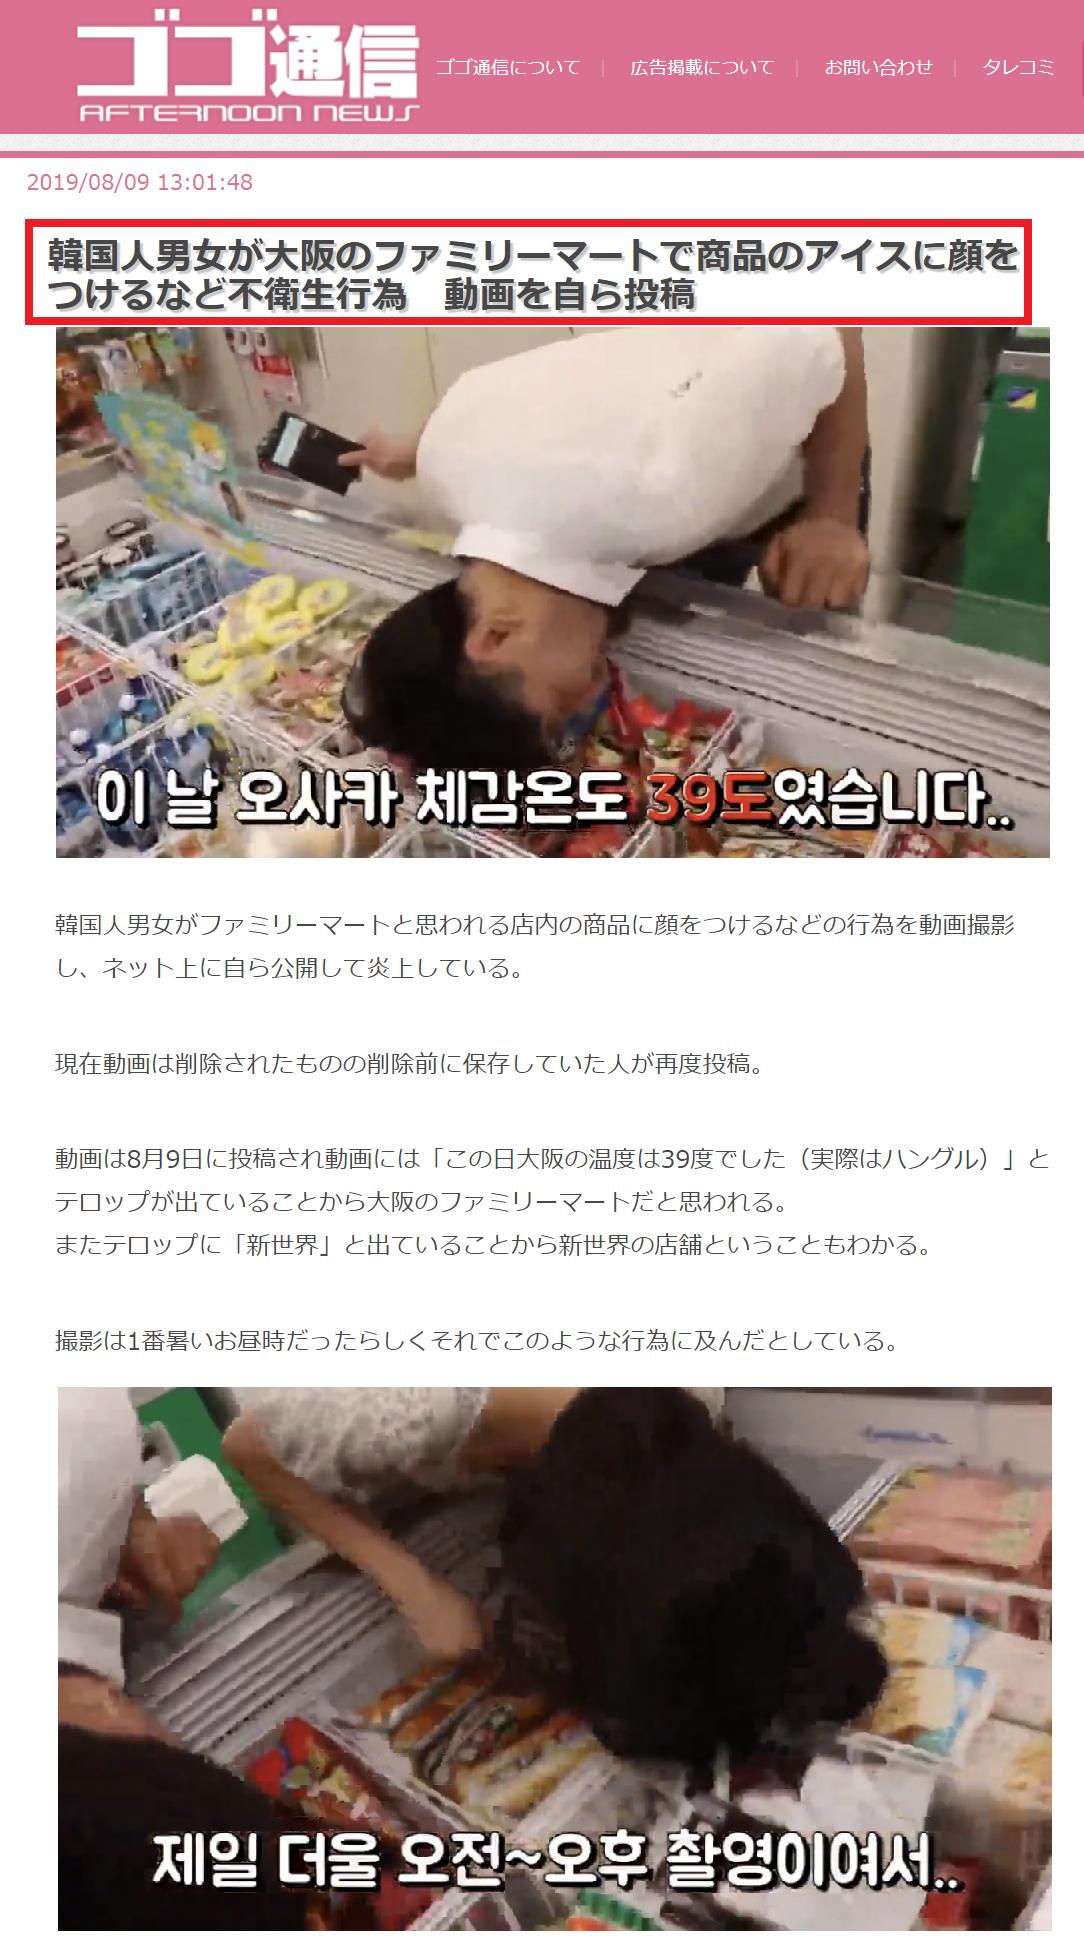 朝鮮人が大阪のファミマで食品汚鮮テロ1